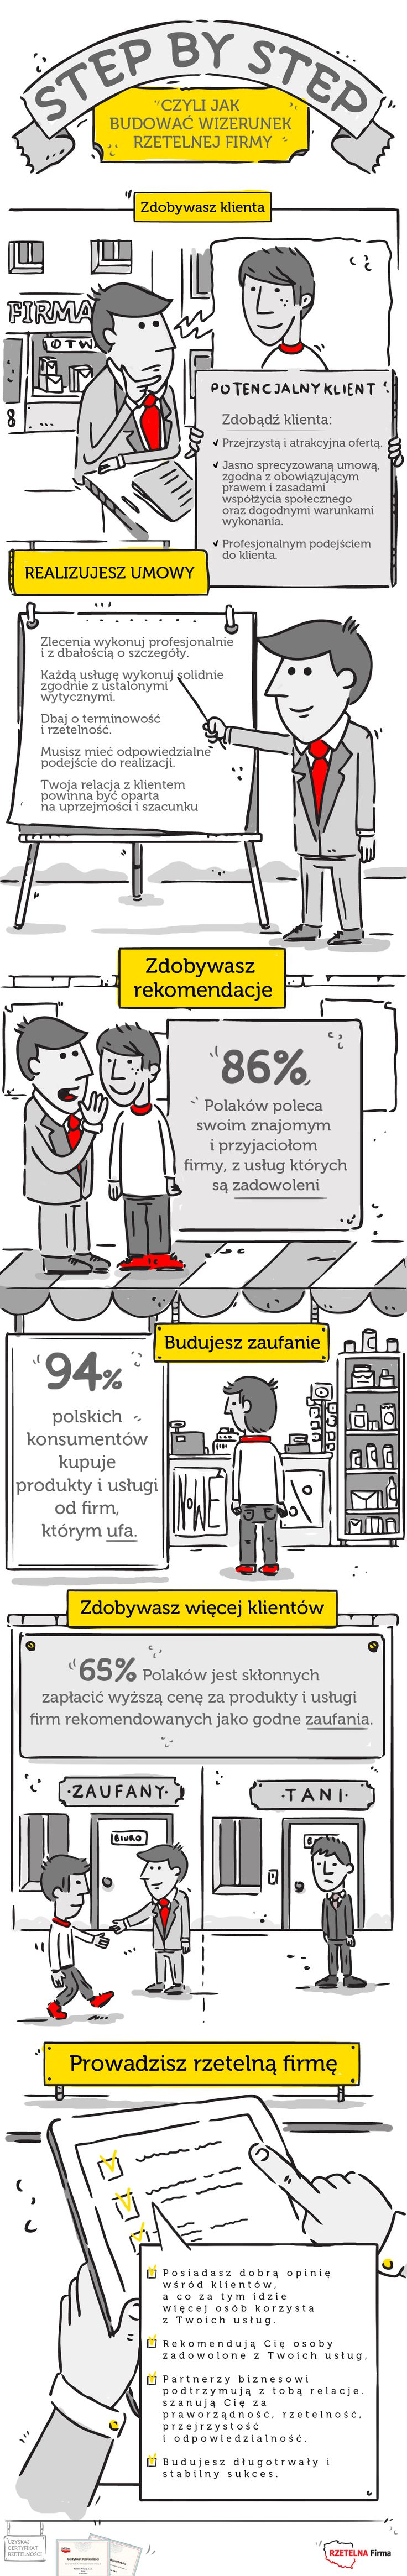 Infografika o wizerunku firmy, zobacz na http://www.rzetelnafirma.pl/aktualnosci-lista/step-by-step-czyli-jak-budowac-wizerunek-rzetelnej-firmy